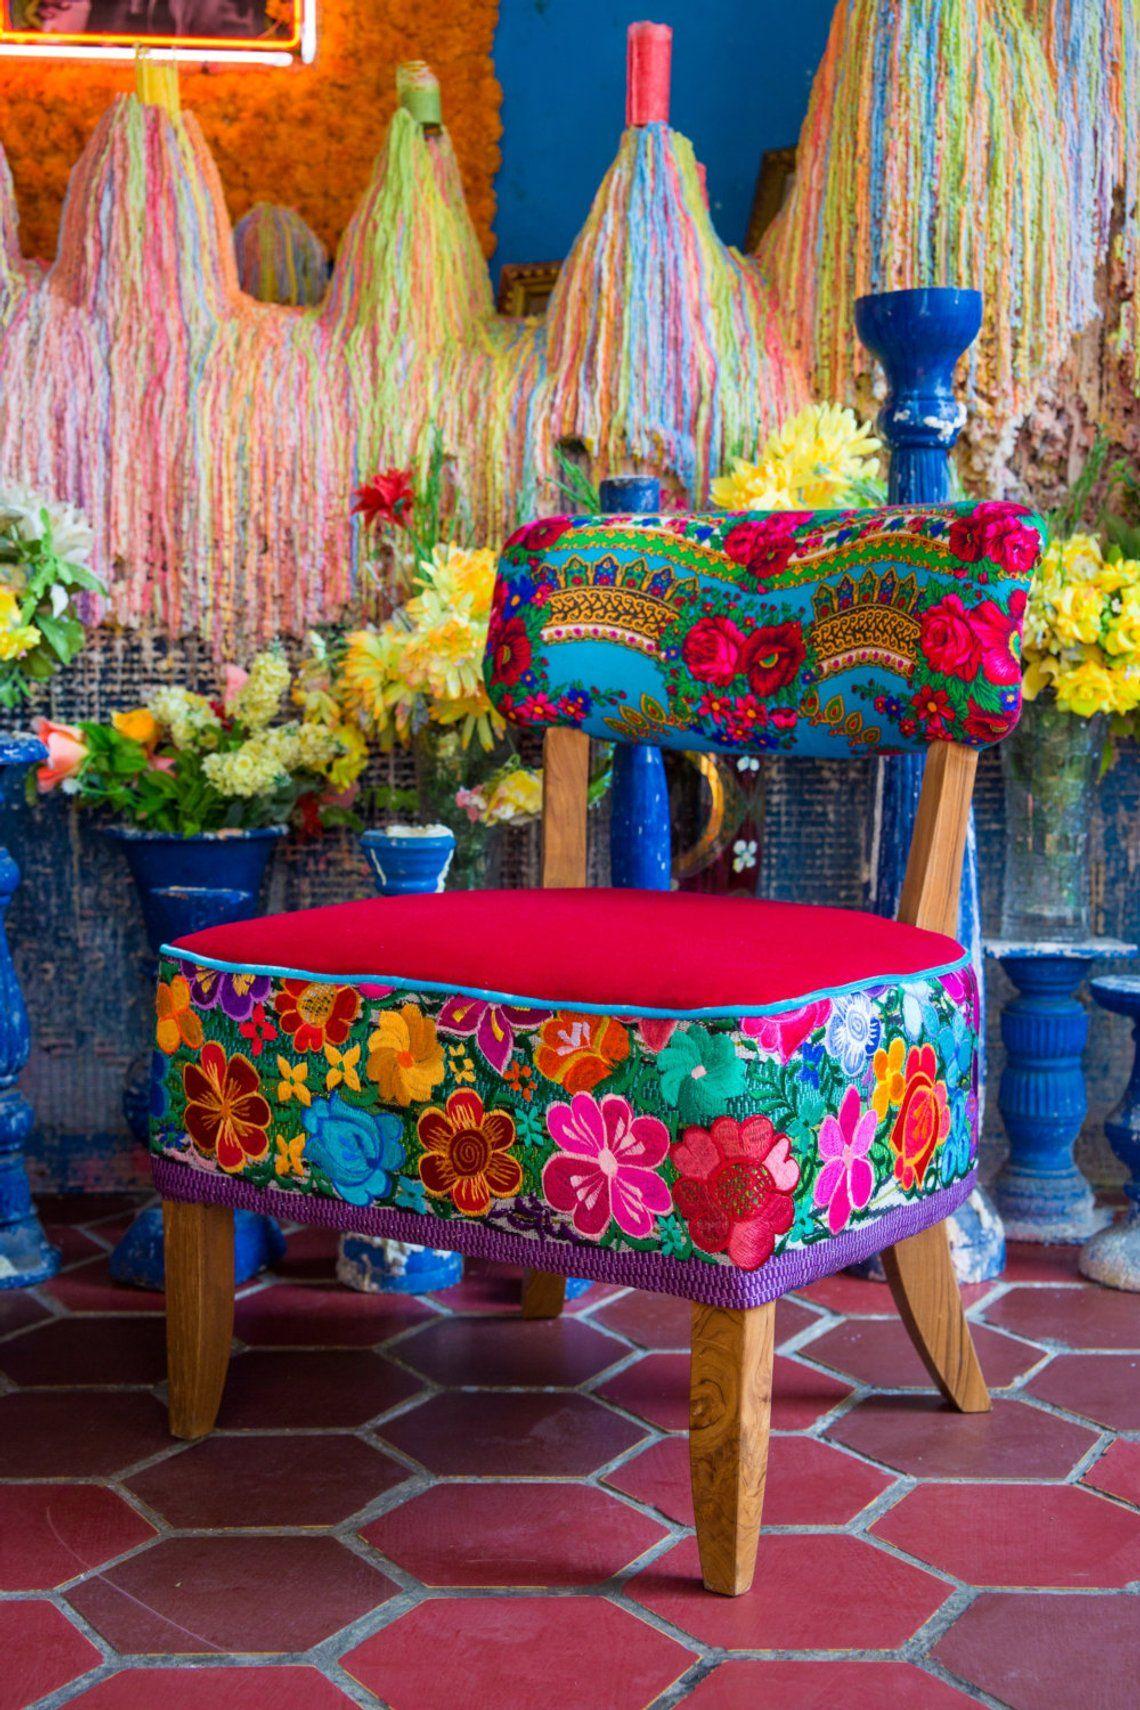 Mexikanische Traum Stuhle Mit Mexikanischen Stickerei Und Etsy Meubles Peints A La Main Mobilier De Salon Decorations Mexicaines